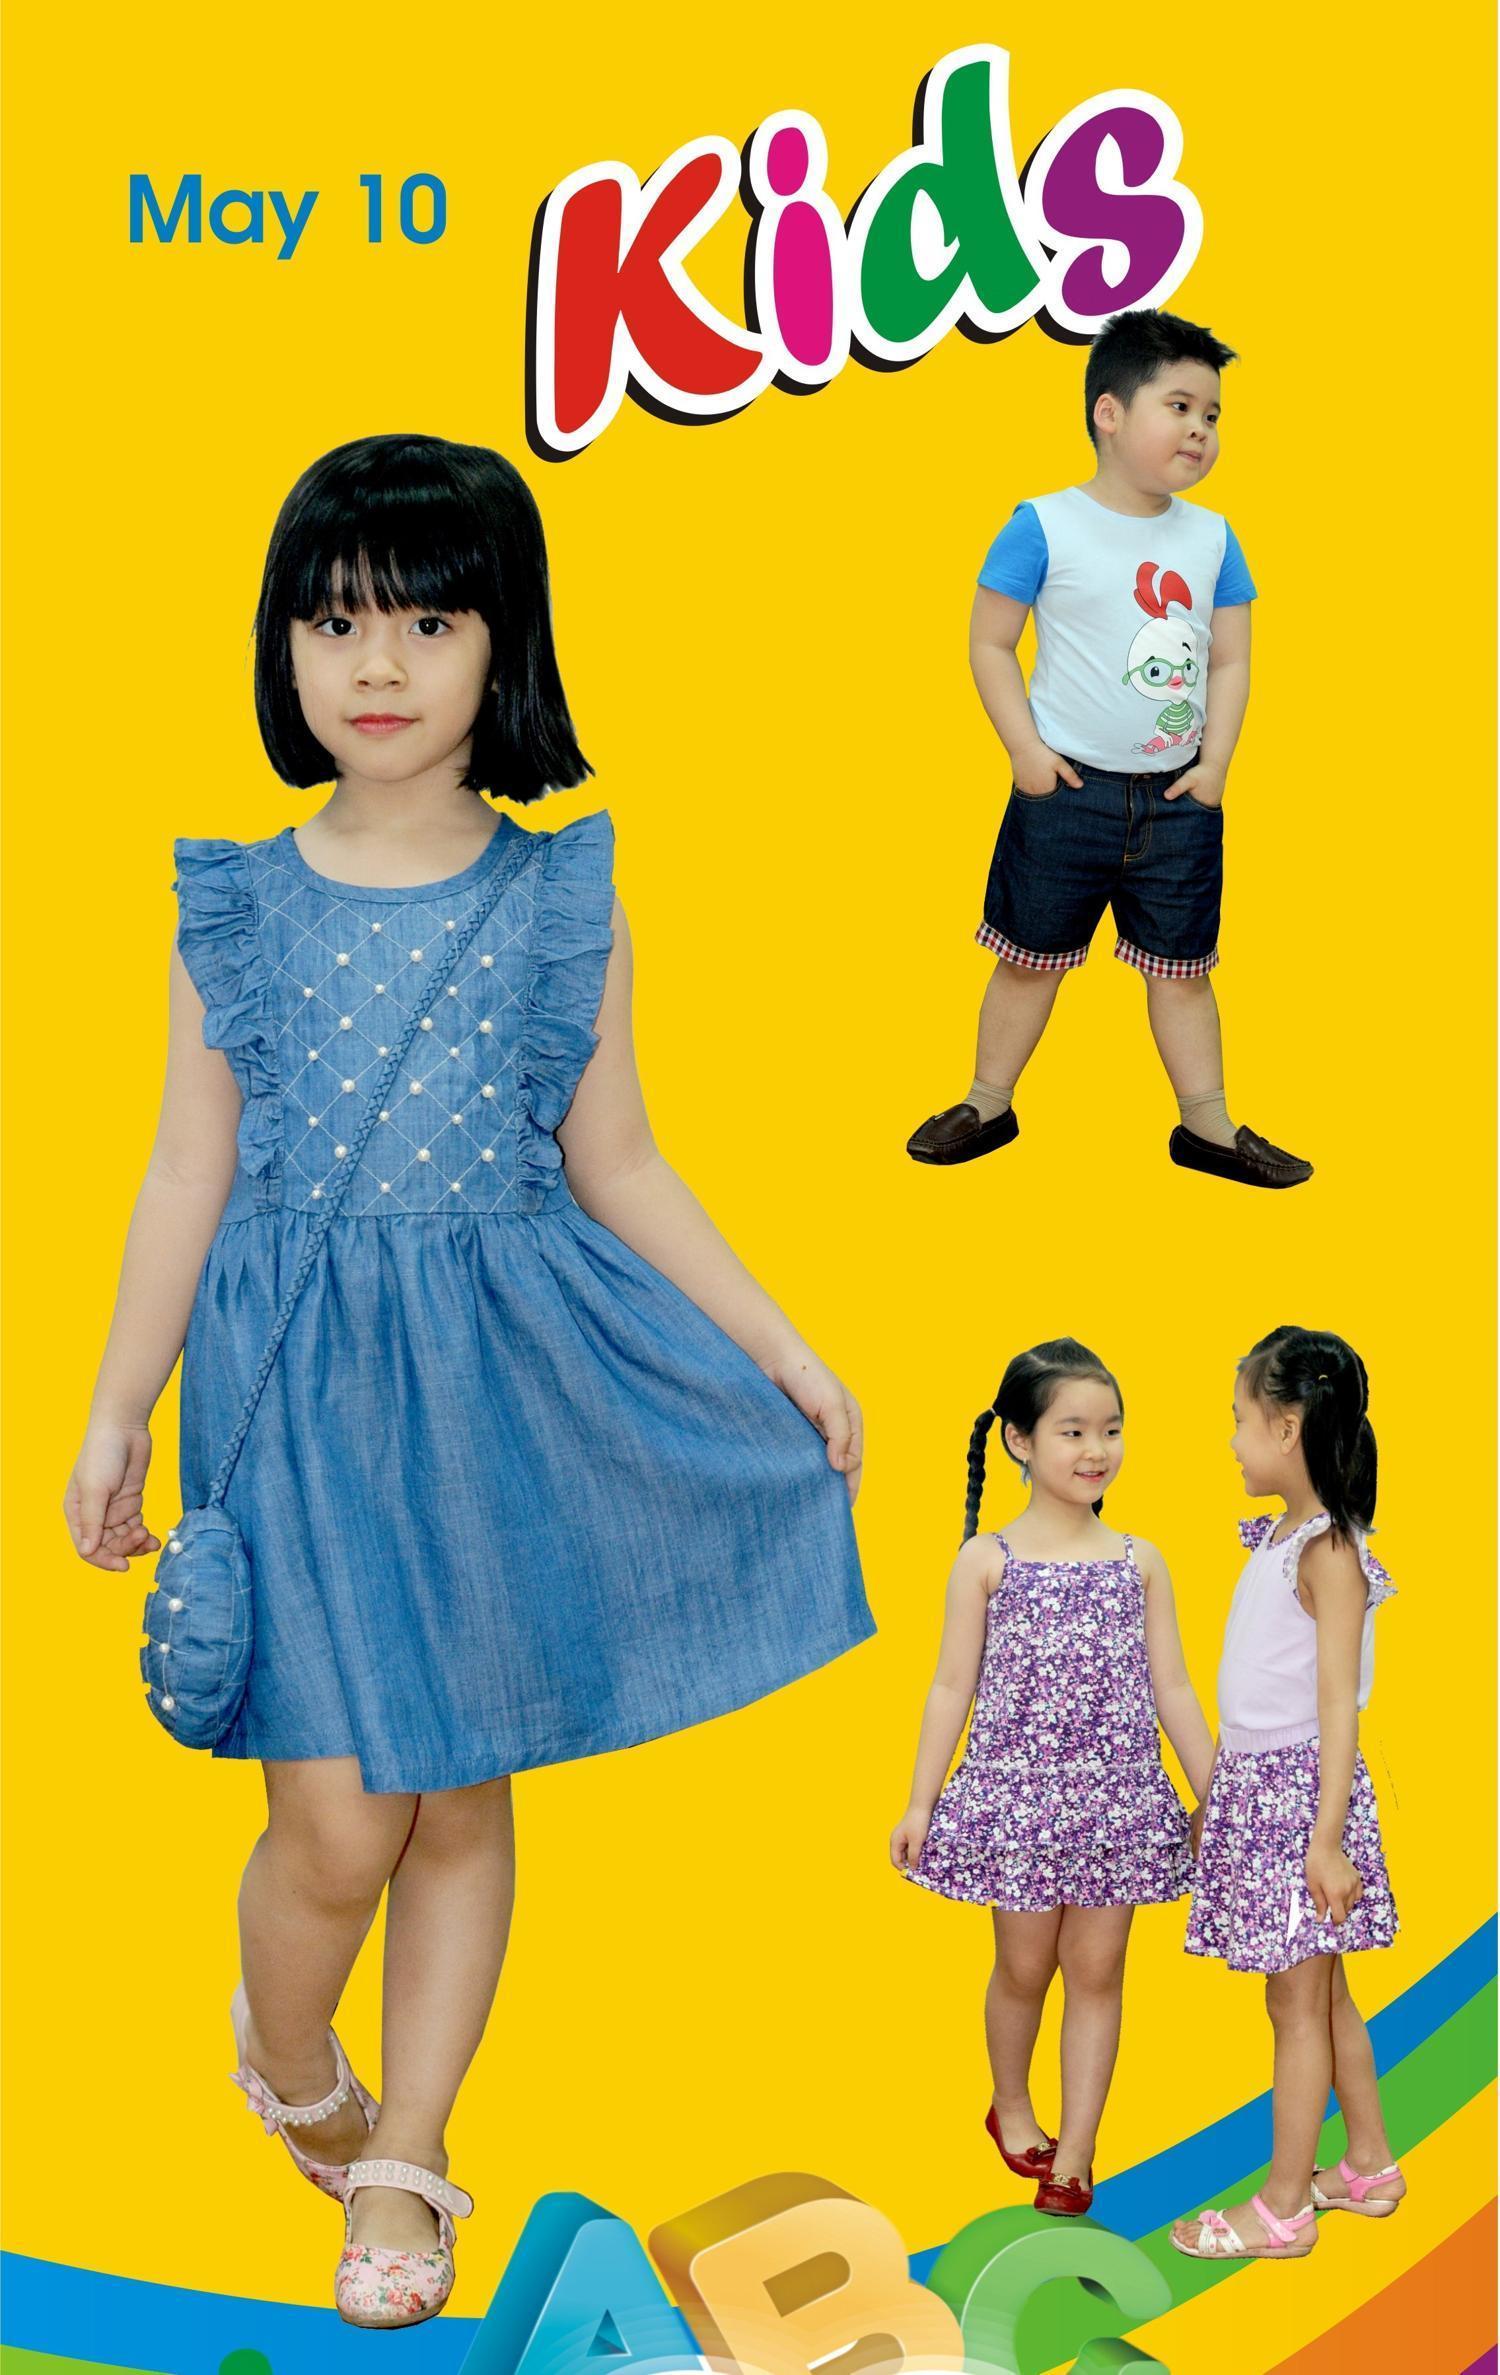 Ra mắt sản phẩm trẻ em M10 Kids chi nhánh Hồ Chí Minh